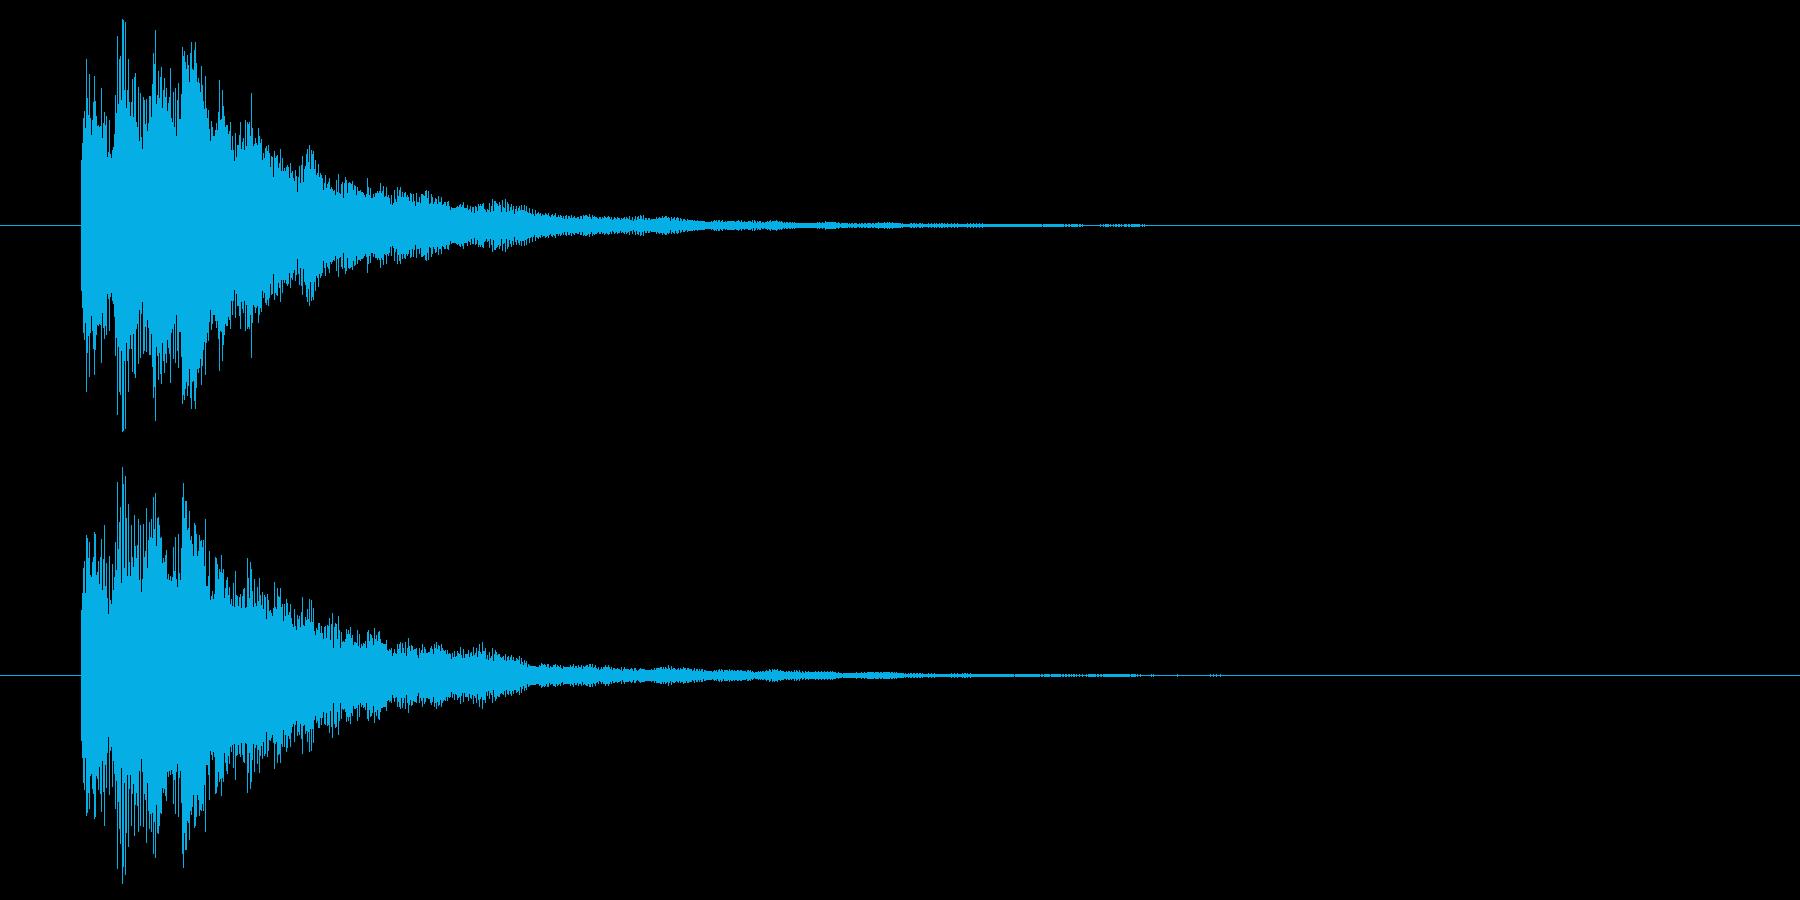 キラリン⑦(レアアイテム・入手・クリア)の再生済みの波形